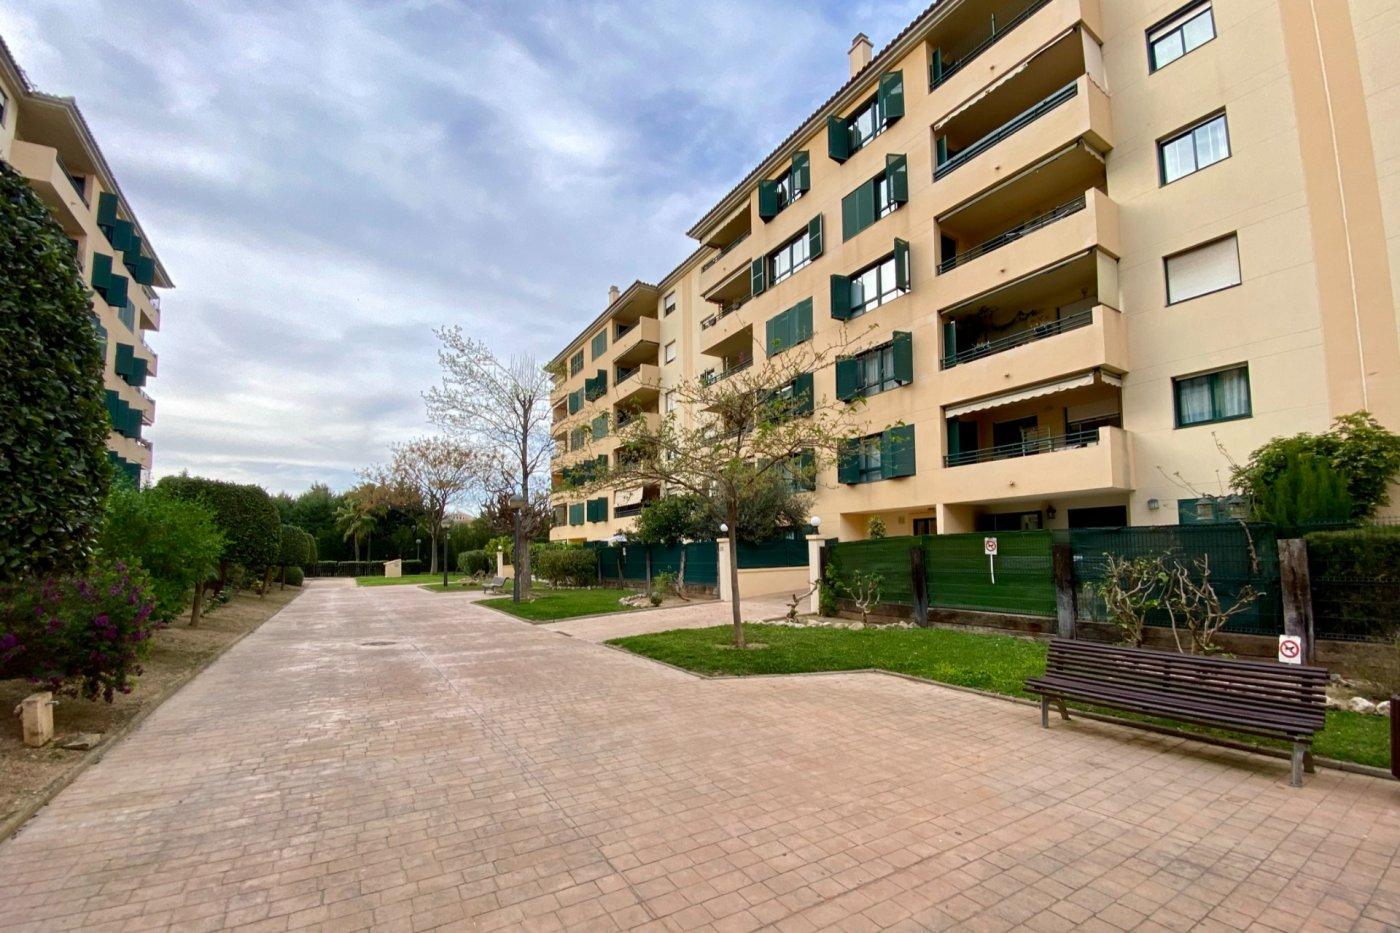 Piso sin muebles de 105 m² de superficie en zona residencial de son cotoner, palma de mall - imagenInmueble18